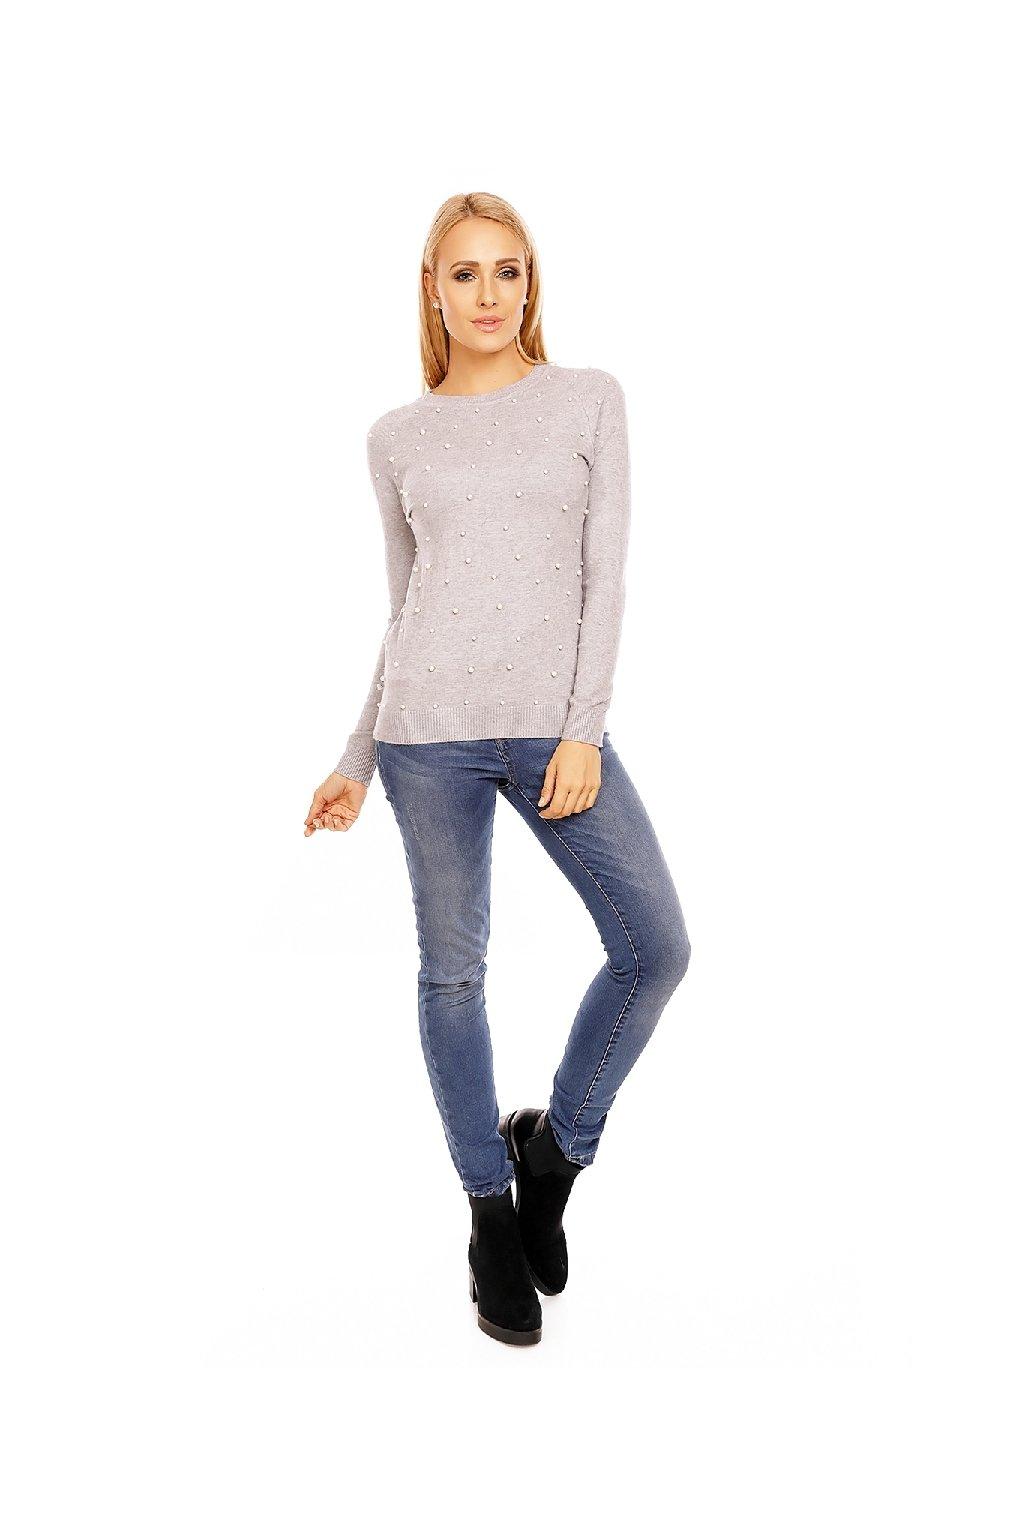 Dámský šedý svetr s perličkami zpředu